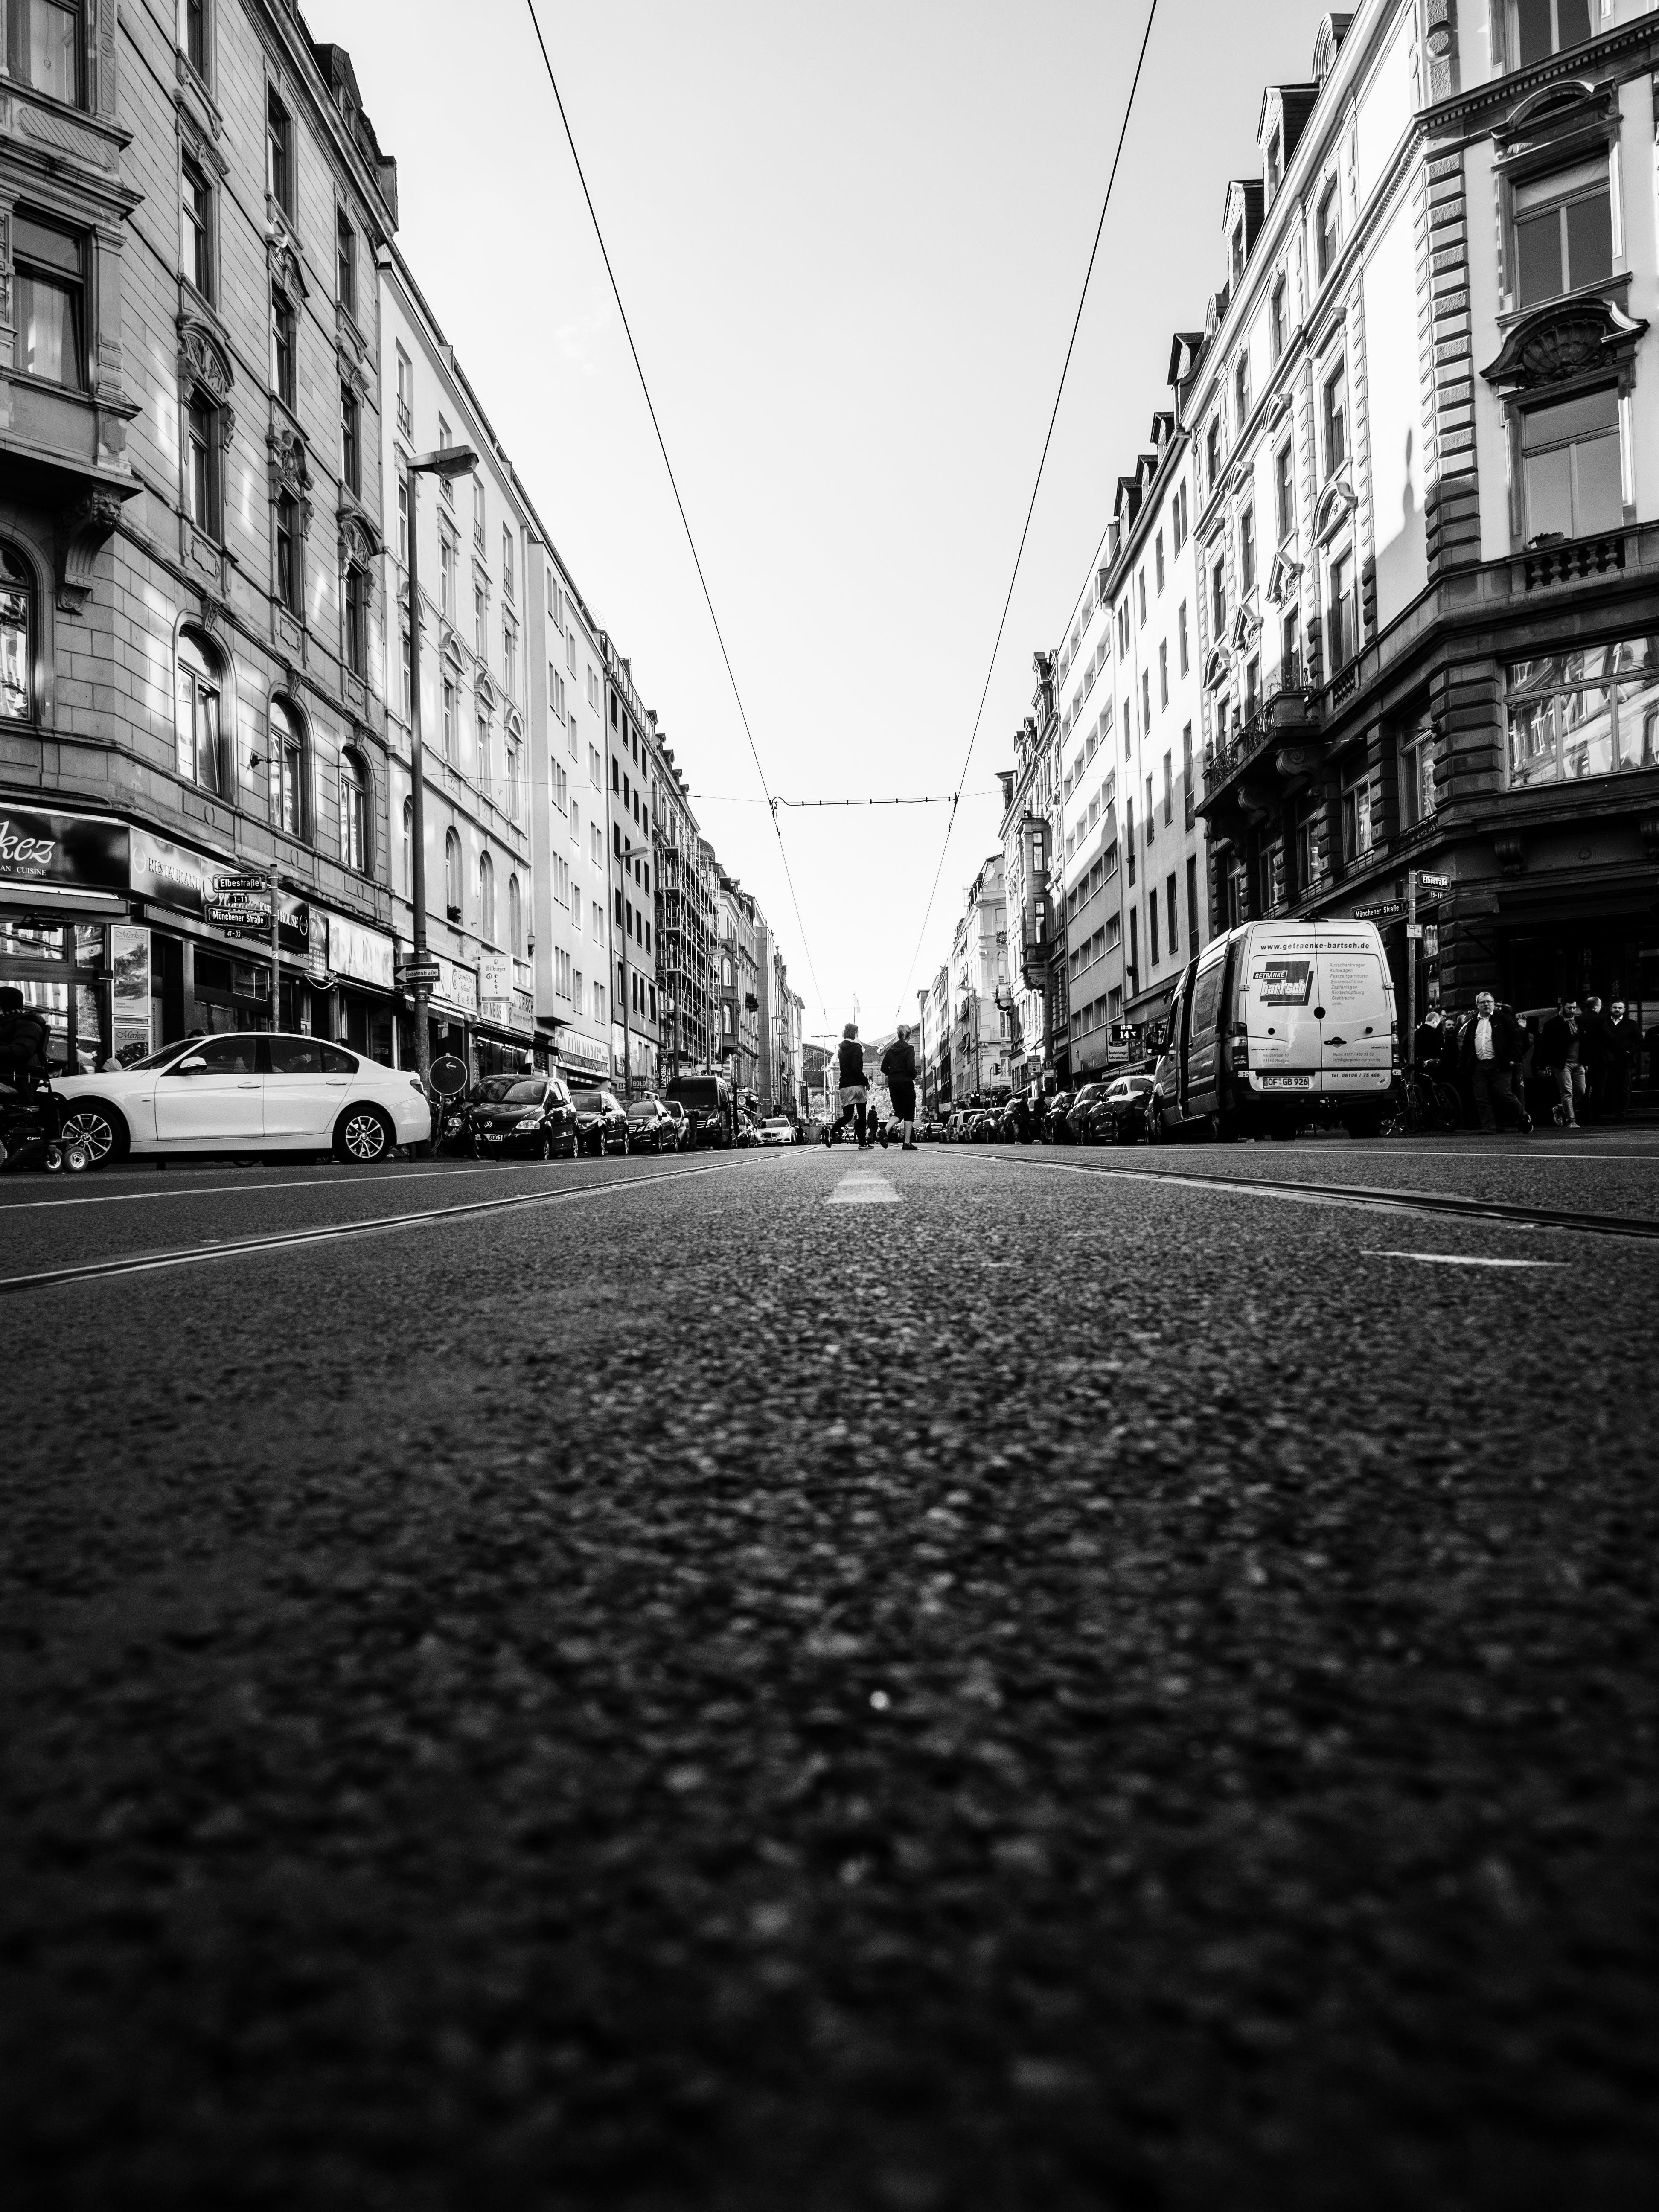 Foto d'estoc gratuïta de Alemanya, carrer, cotxes, distància